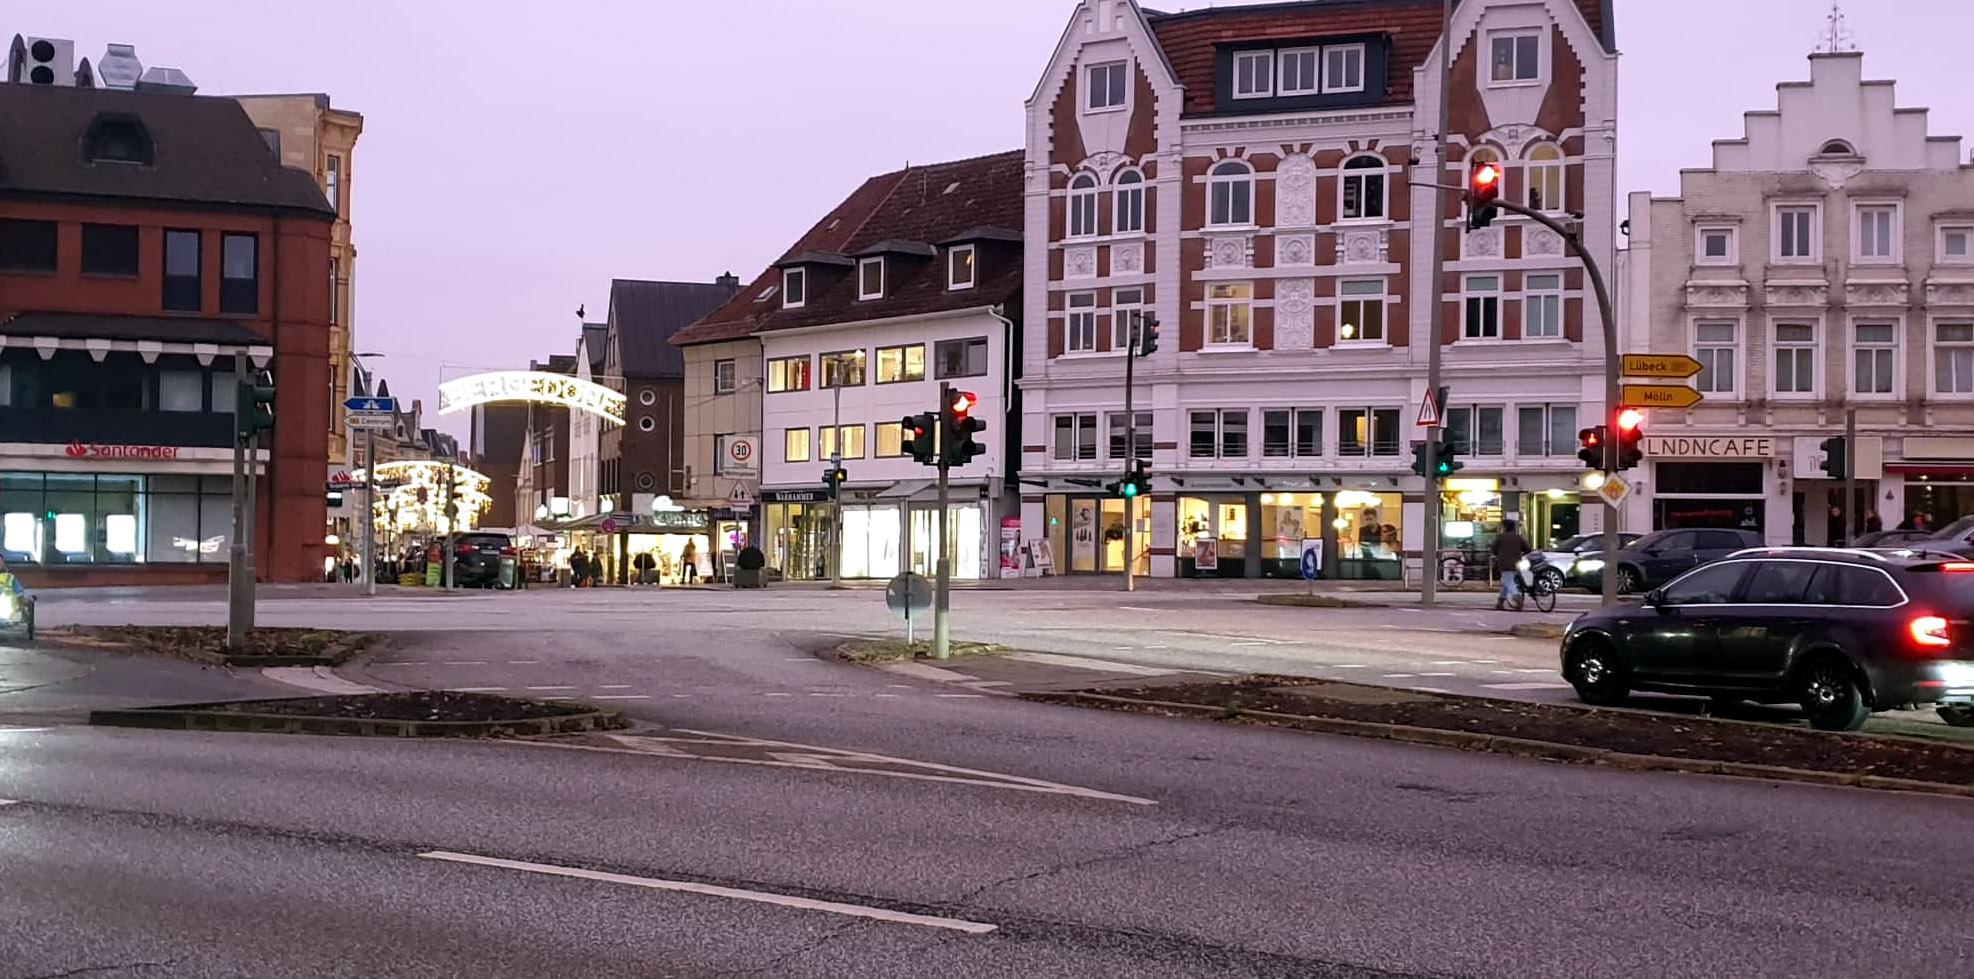 Mohnhof, Bergedorf, Bergedorf-Süd, Wentorf, Geesthacht, Knotenpunkt, Sanierung, News, Nachrichten, Hamburg, Bergedorf